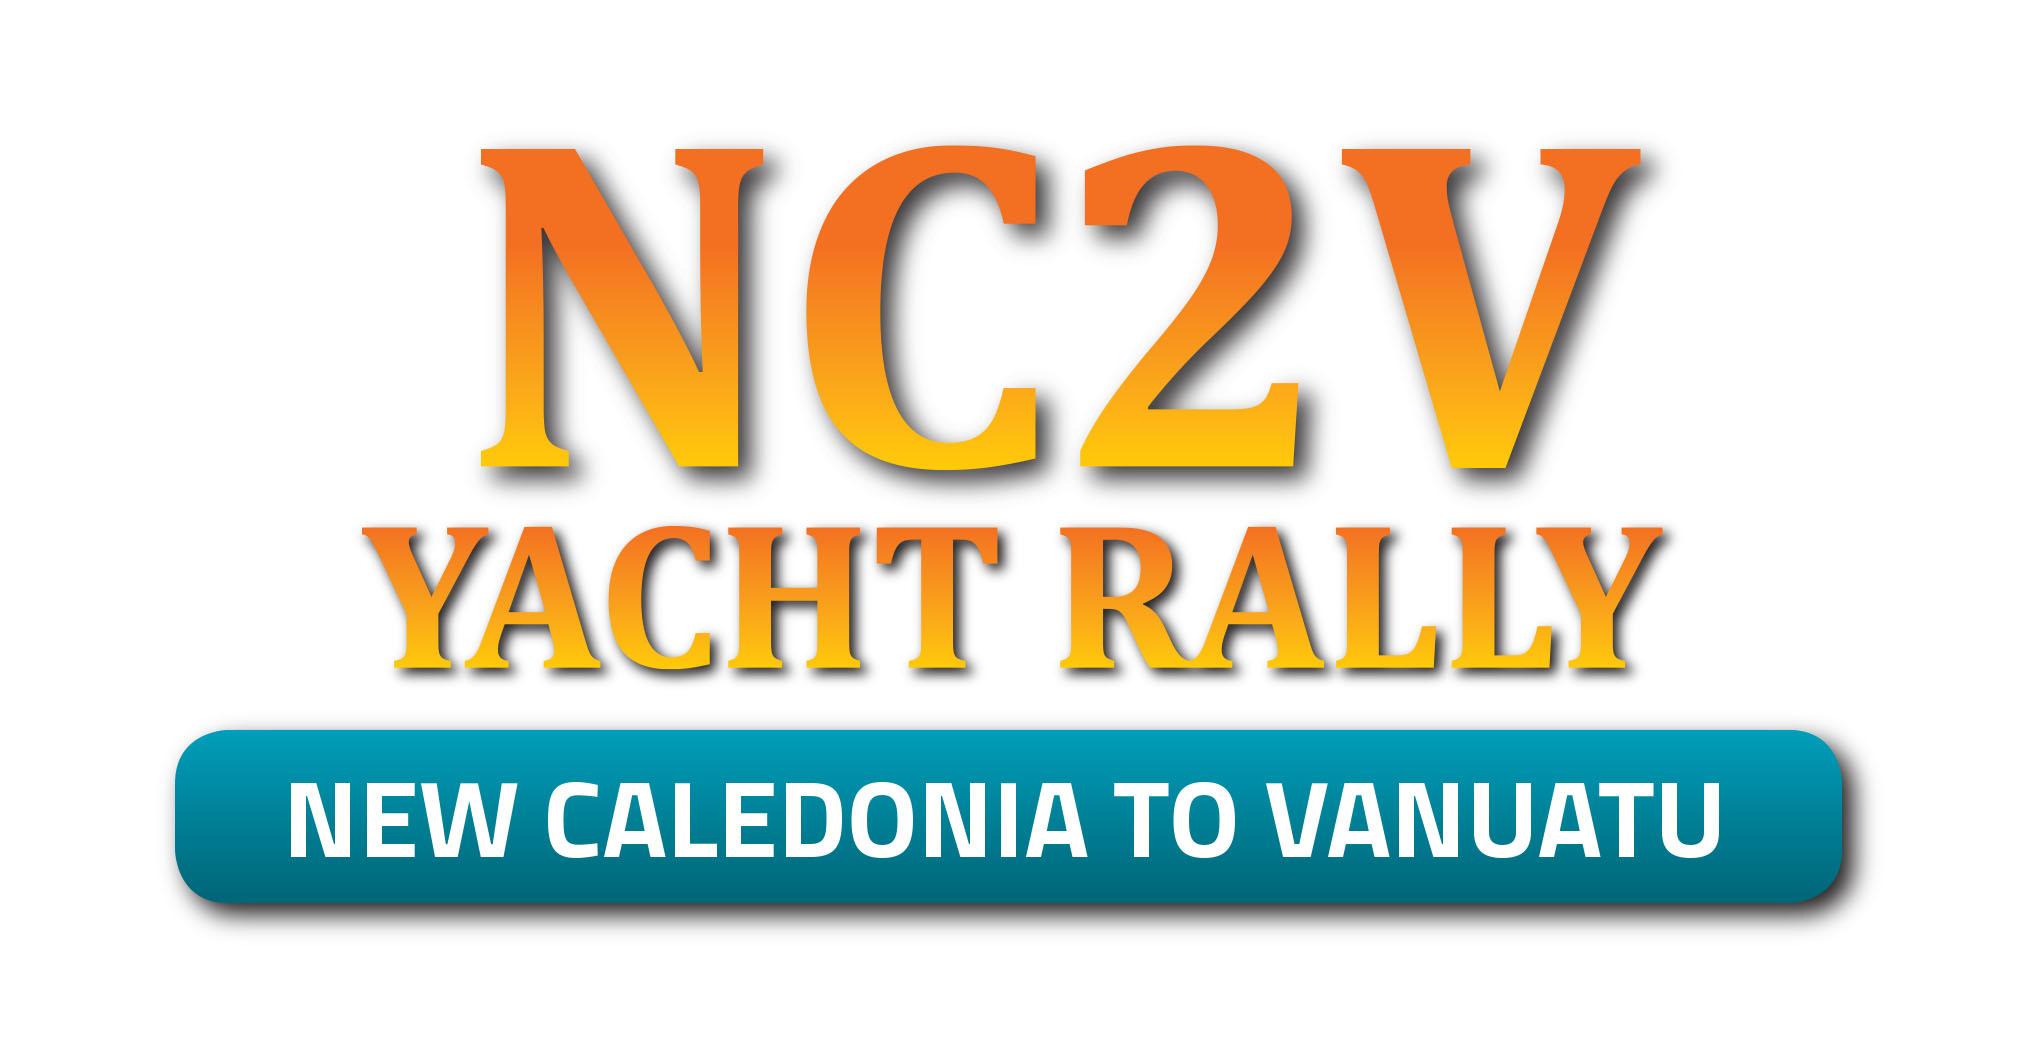 New Caledonia to Vanuatu - *Departs August